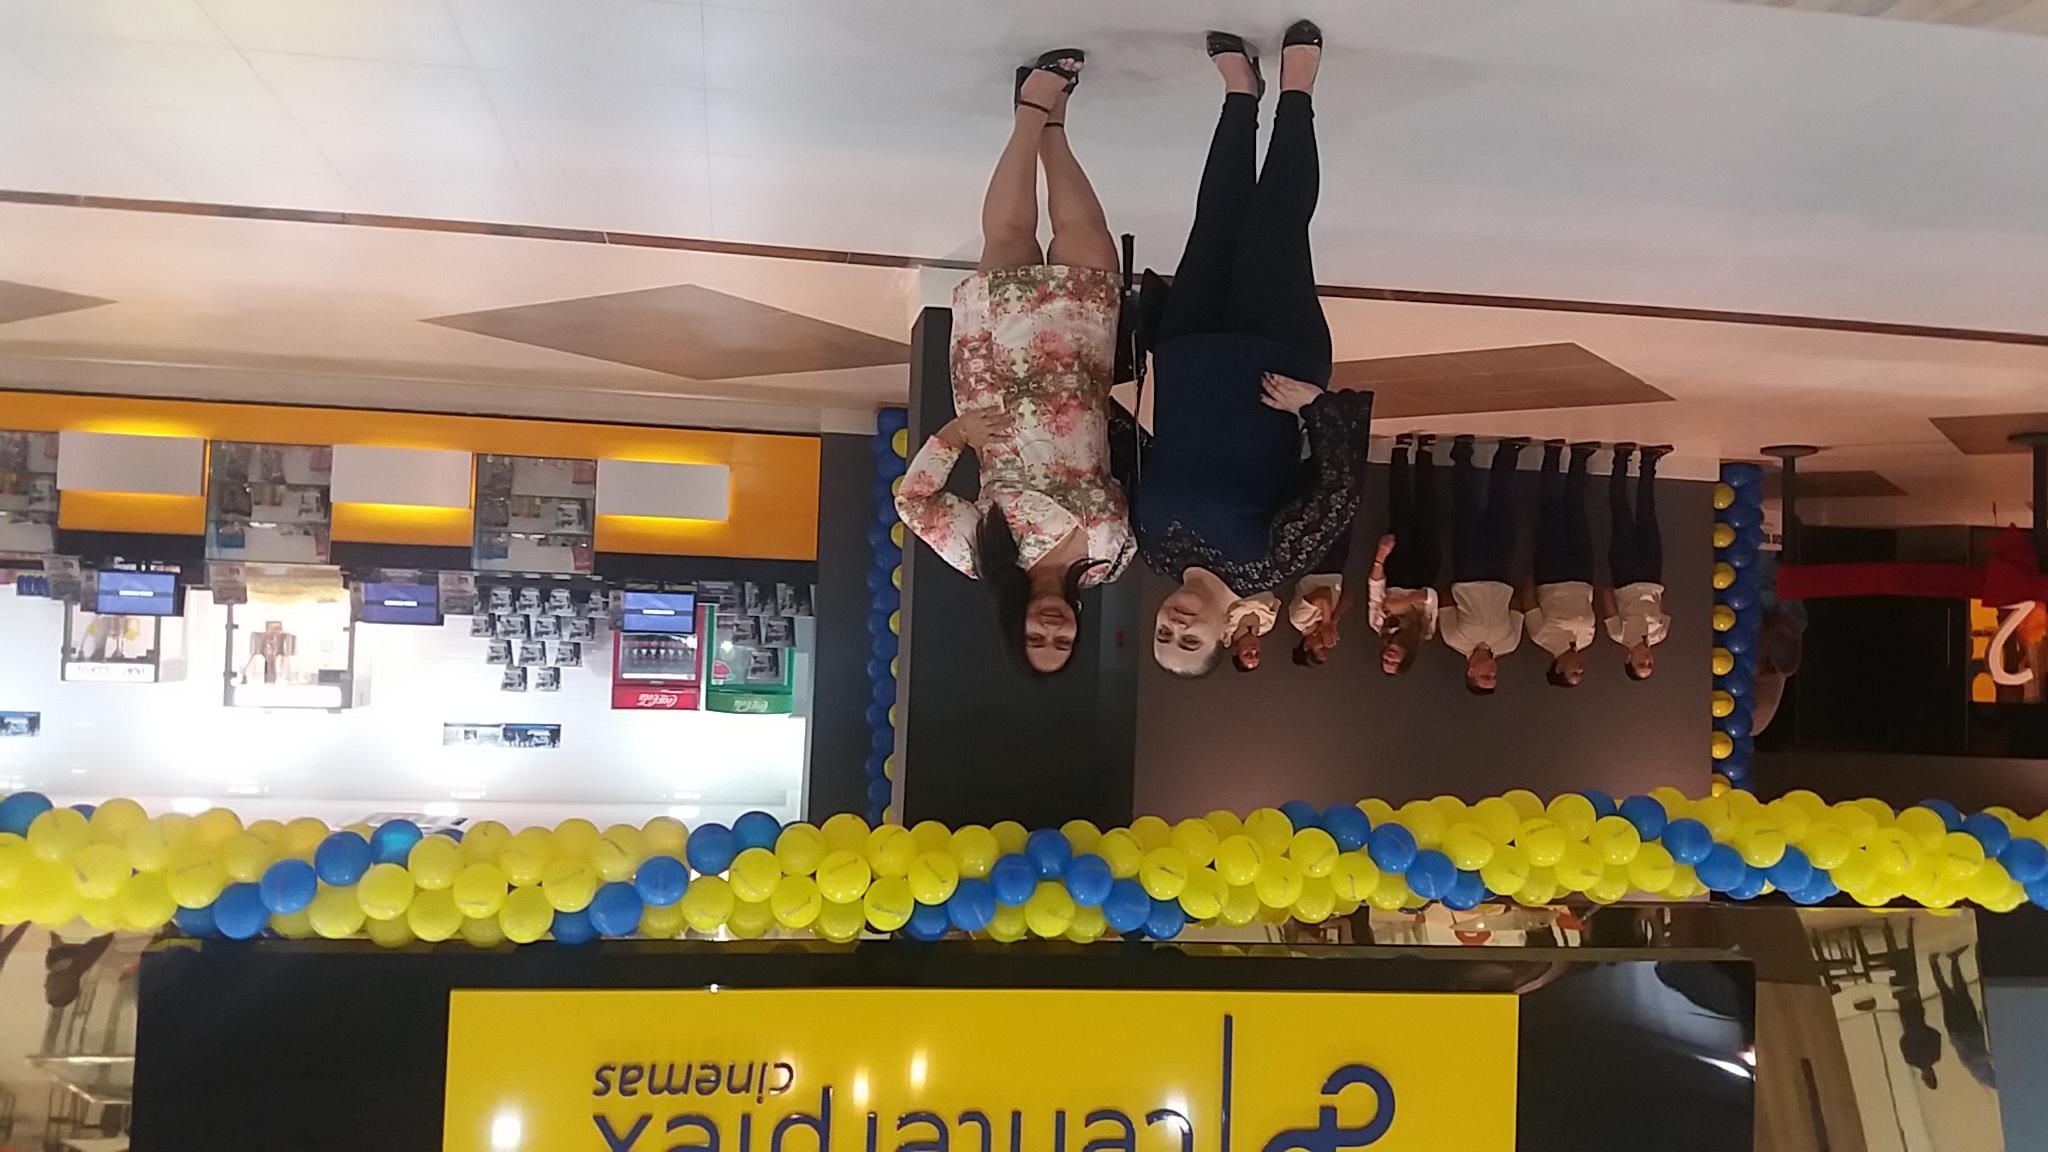 Coquetel de inauguração do Centerplex Cinemas em Maranguape-CE. Foto Dadynha Saturnino (6)